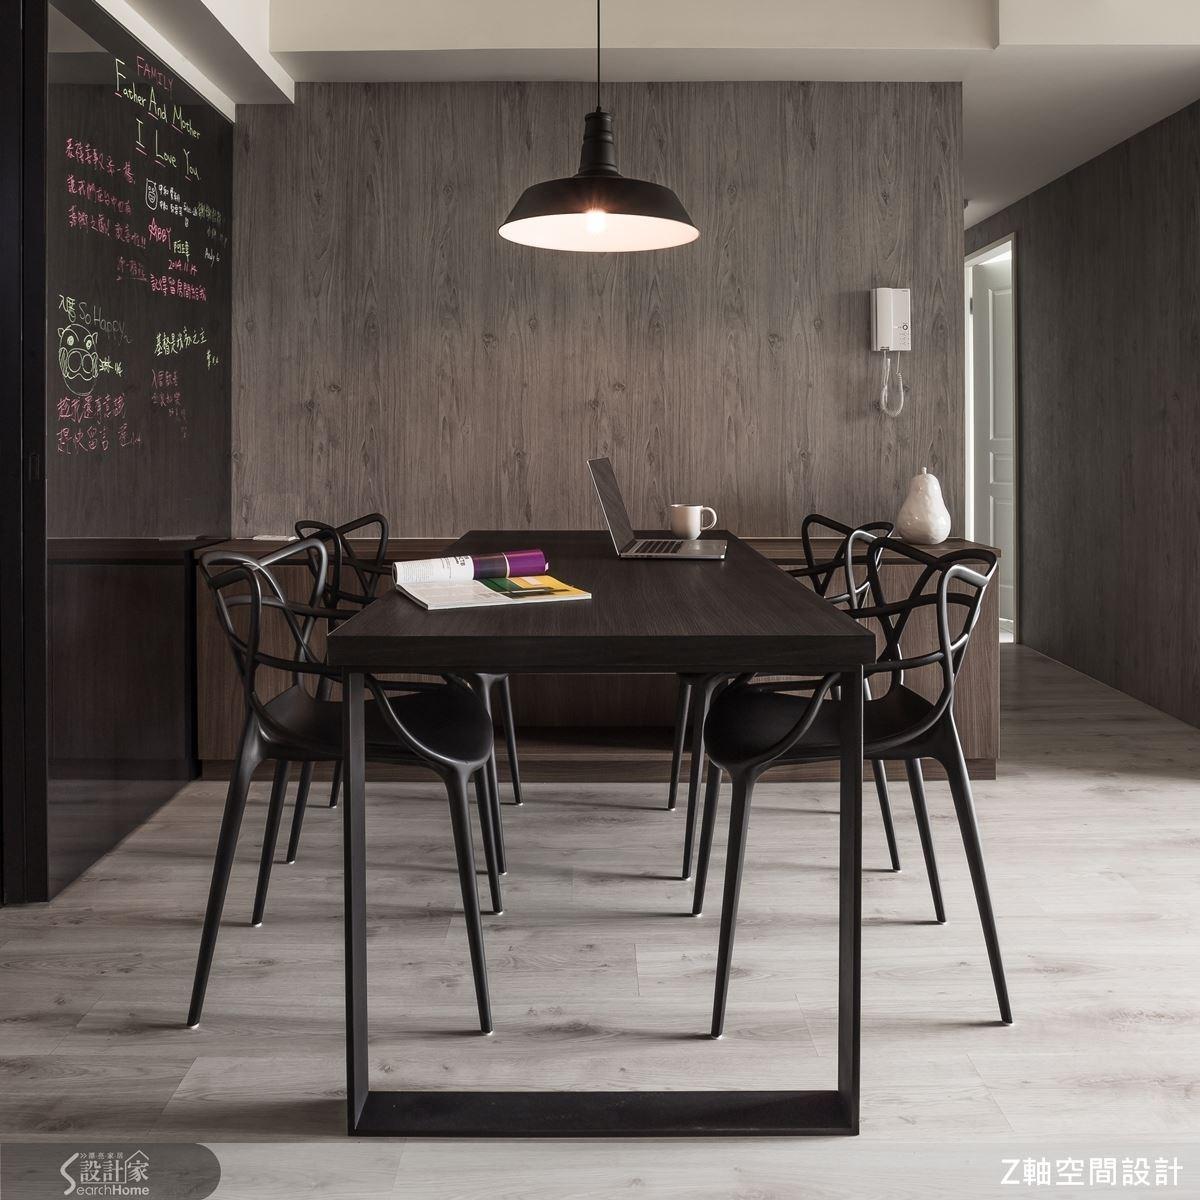 工業風的燈飾配上黑色系餐桌椅,洗鍊簡約的線條設計,讓餐廳空間顯得摩登又時髦。